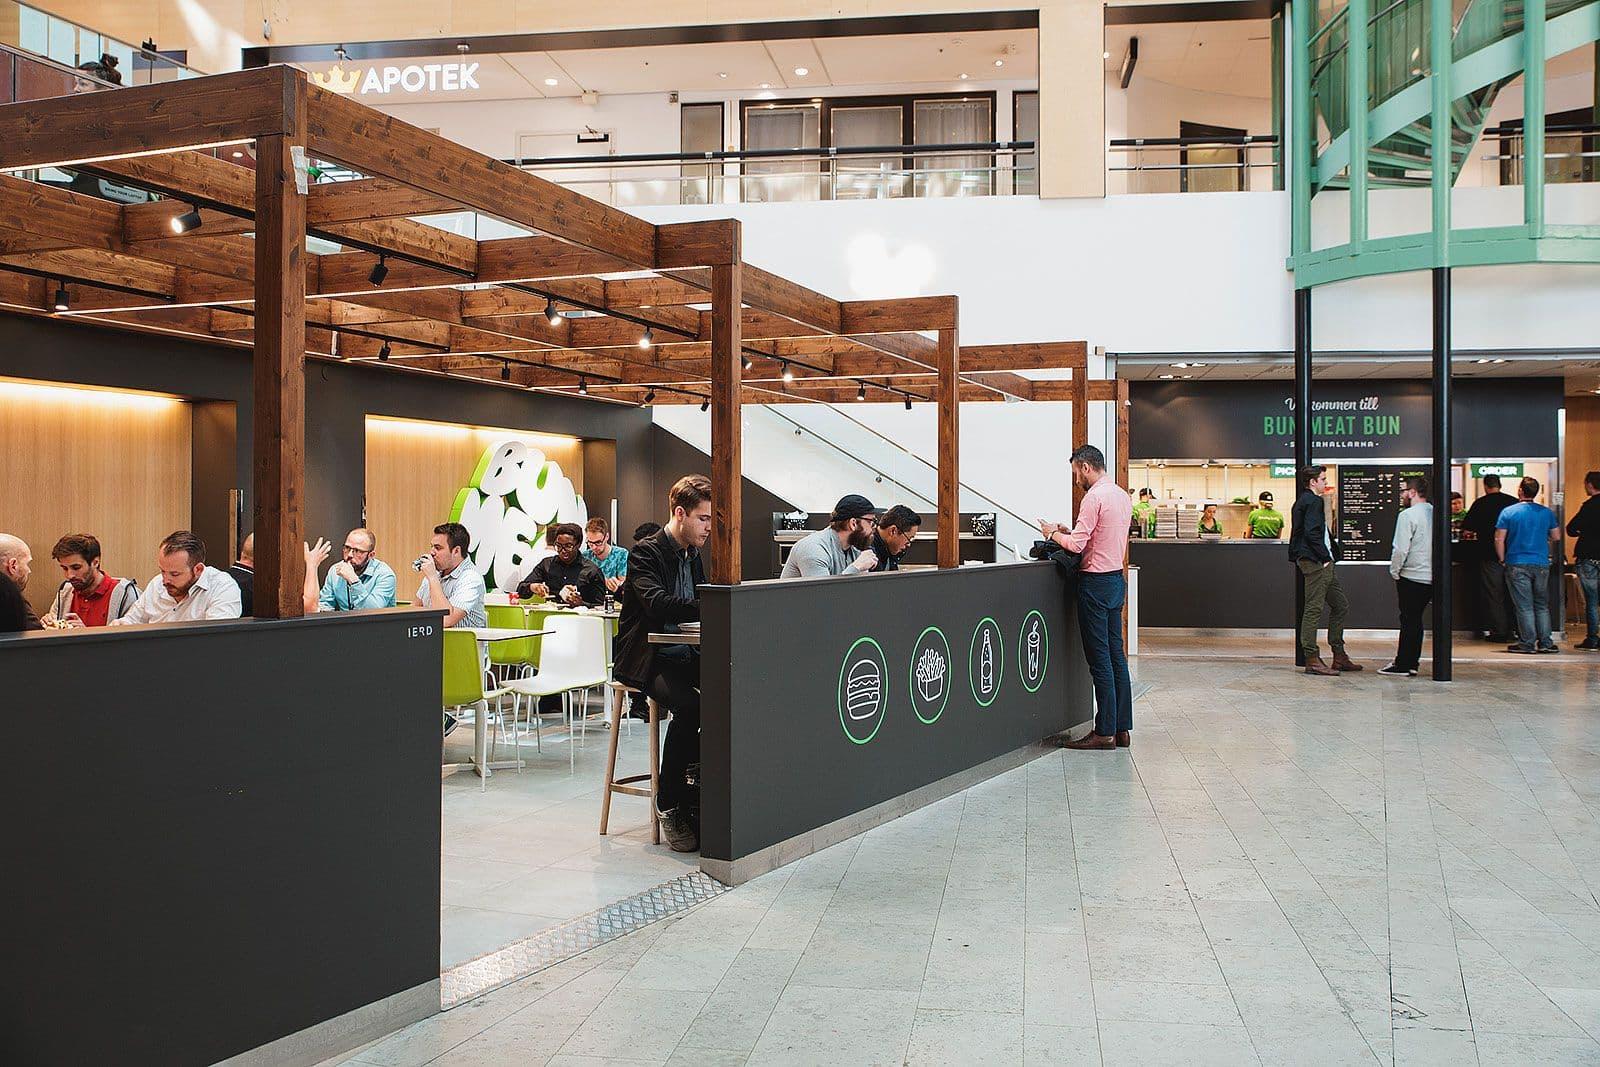 apotek medborgarplatsen stockholm